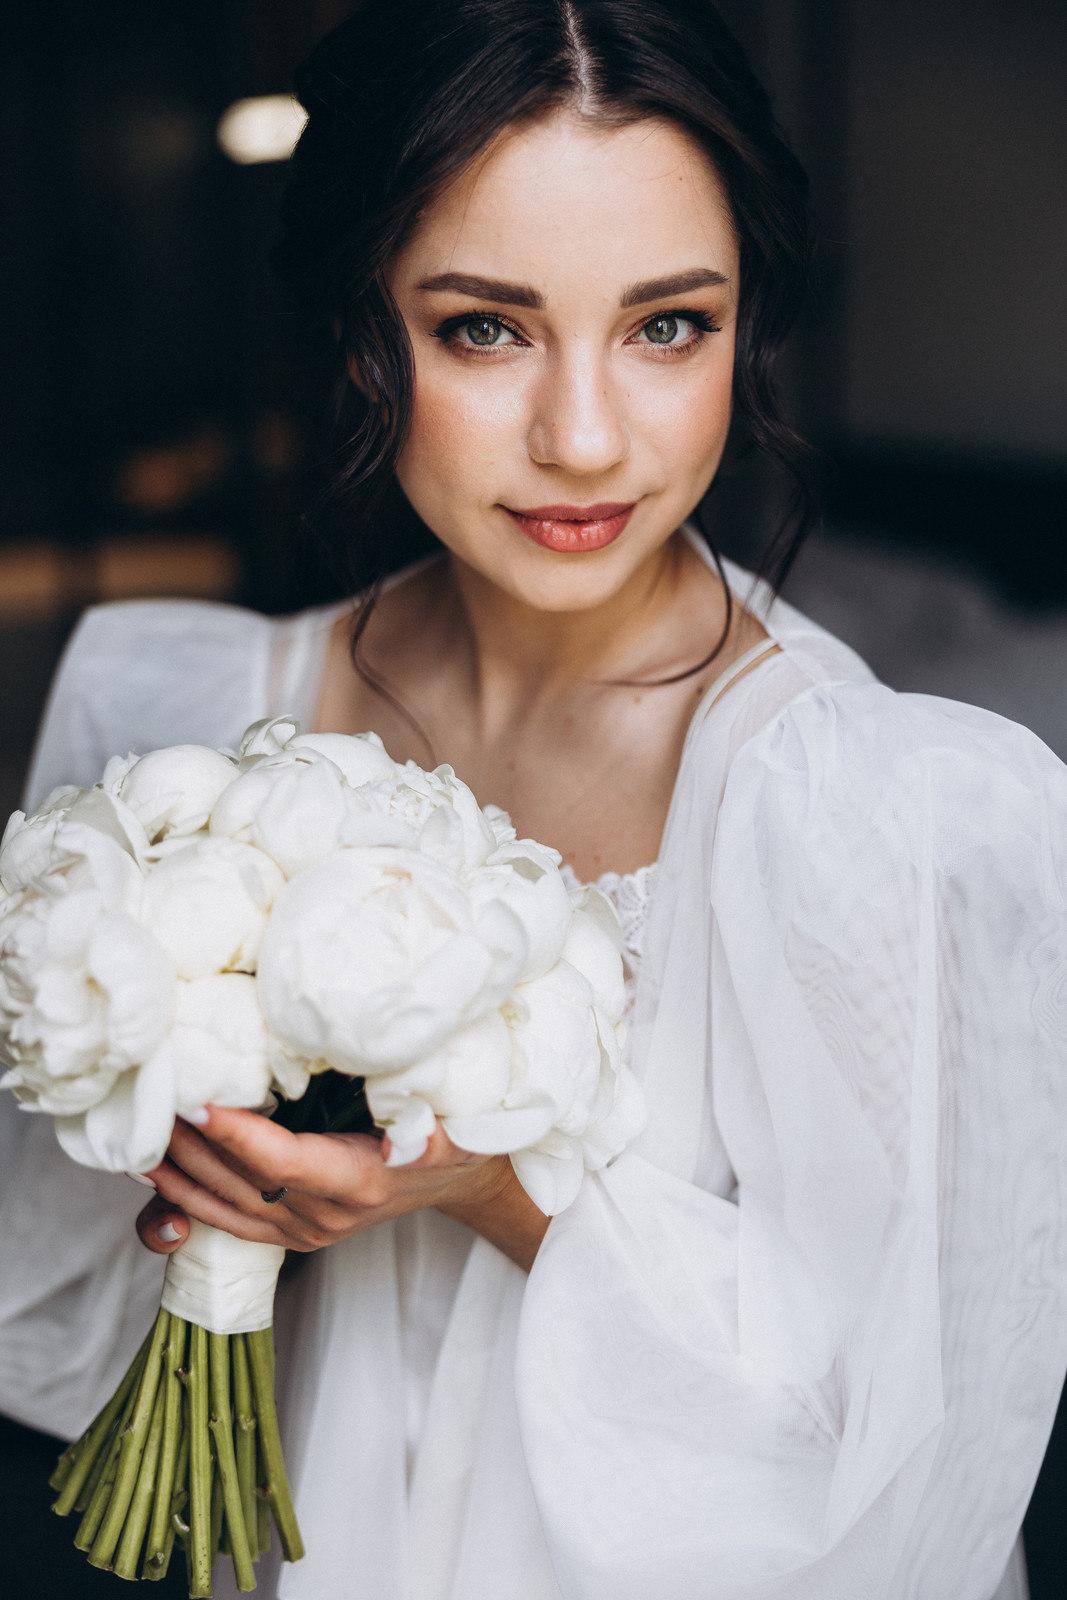 You're my number one: свадьба-вечеринка вне шаблонов